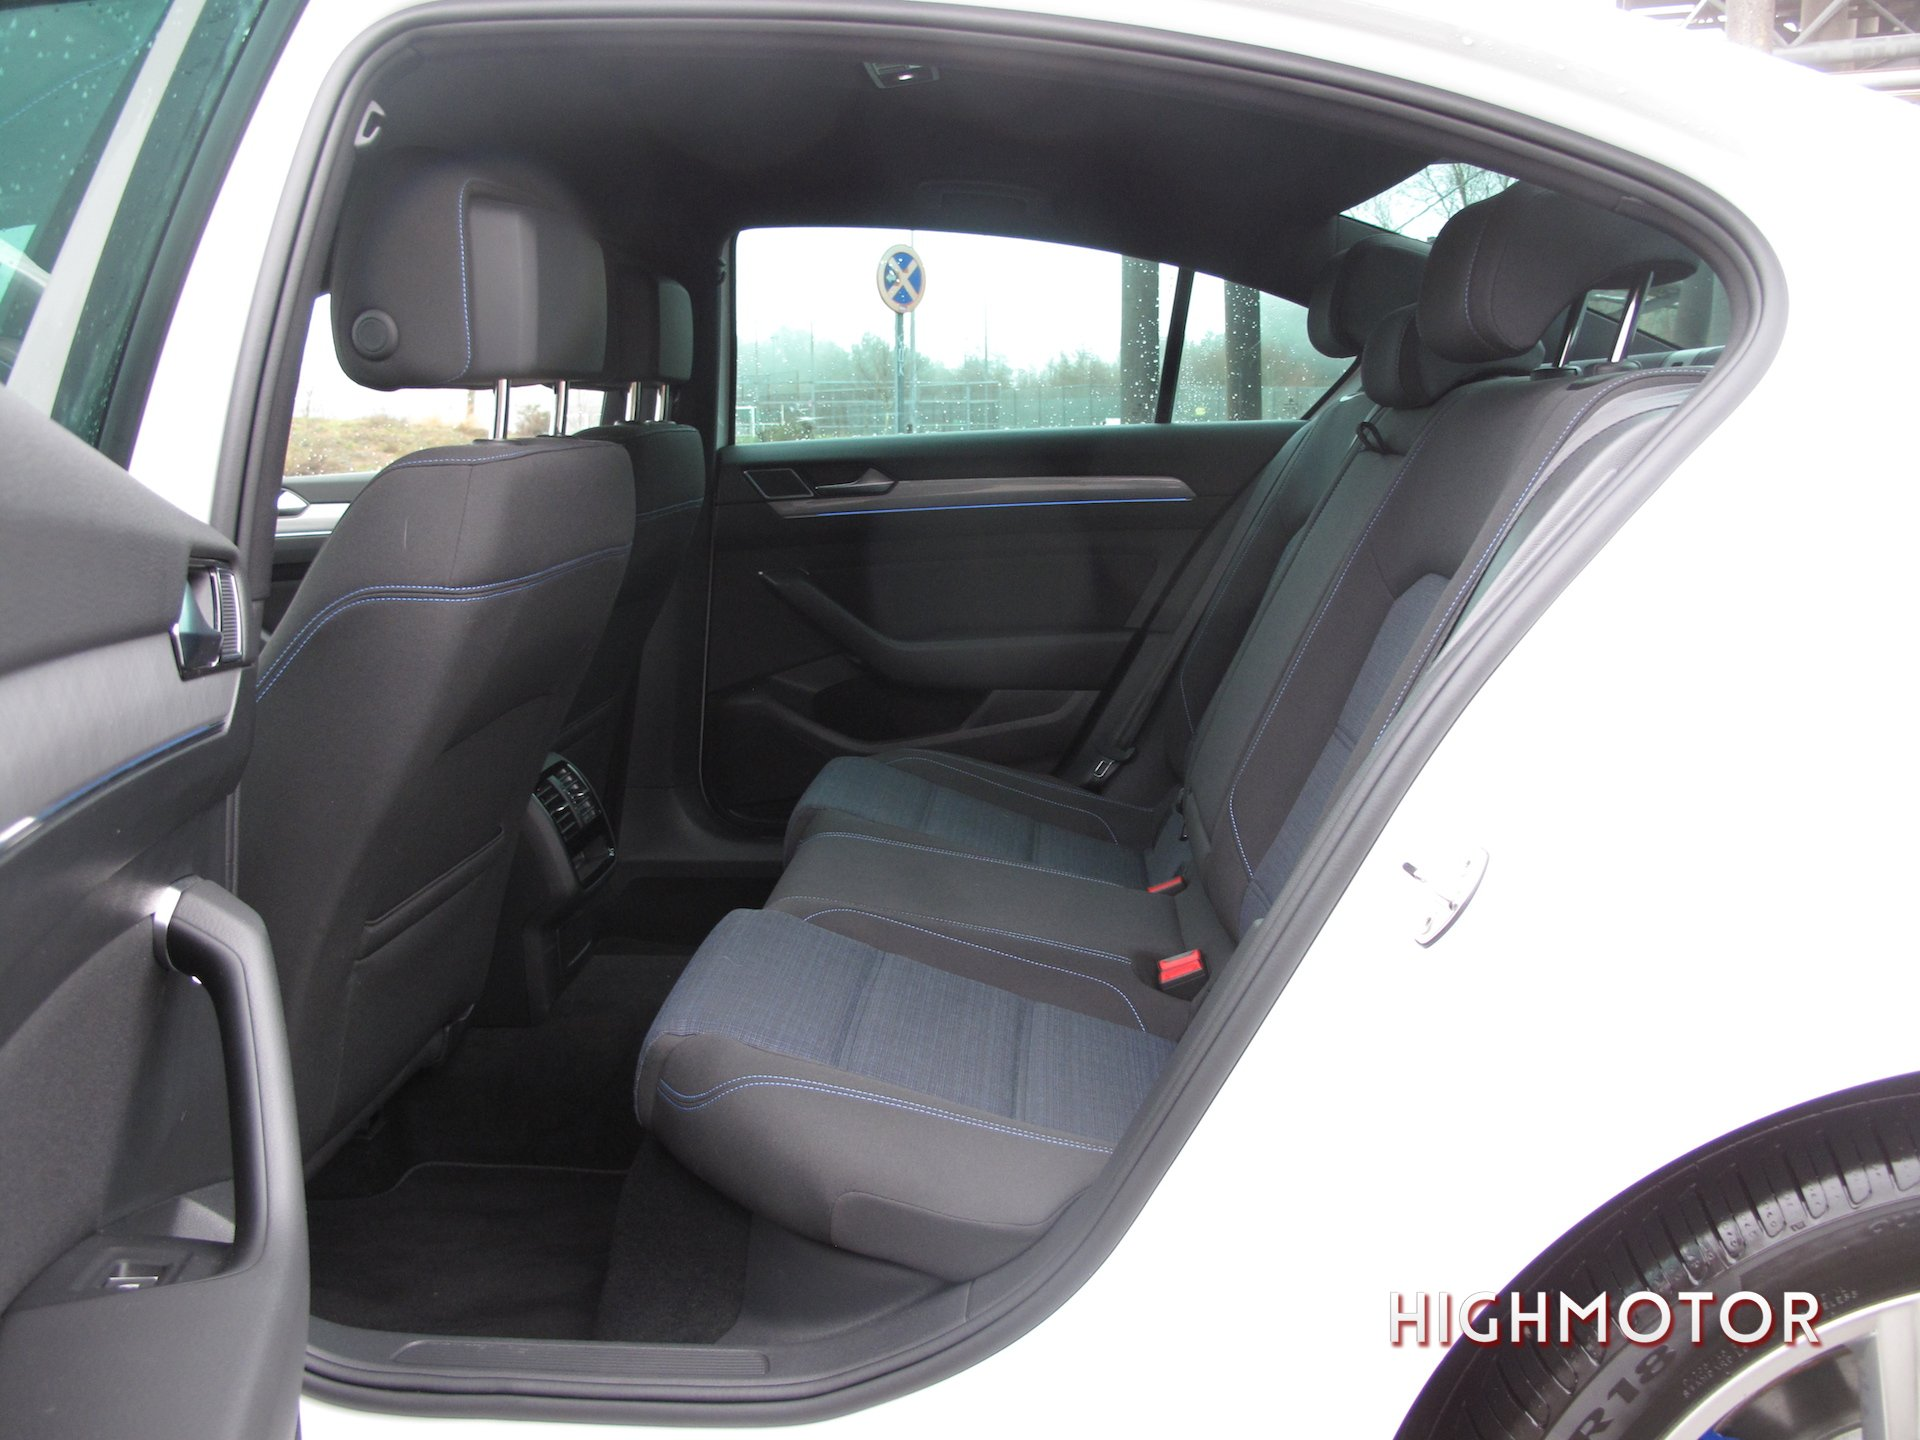 Prueba Volkswagen Passat Gte 8